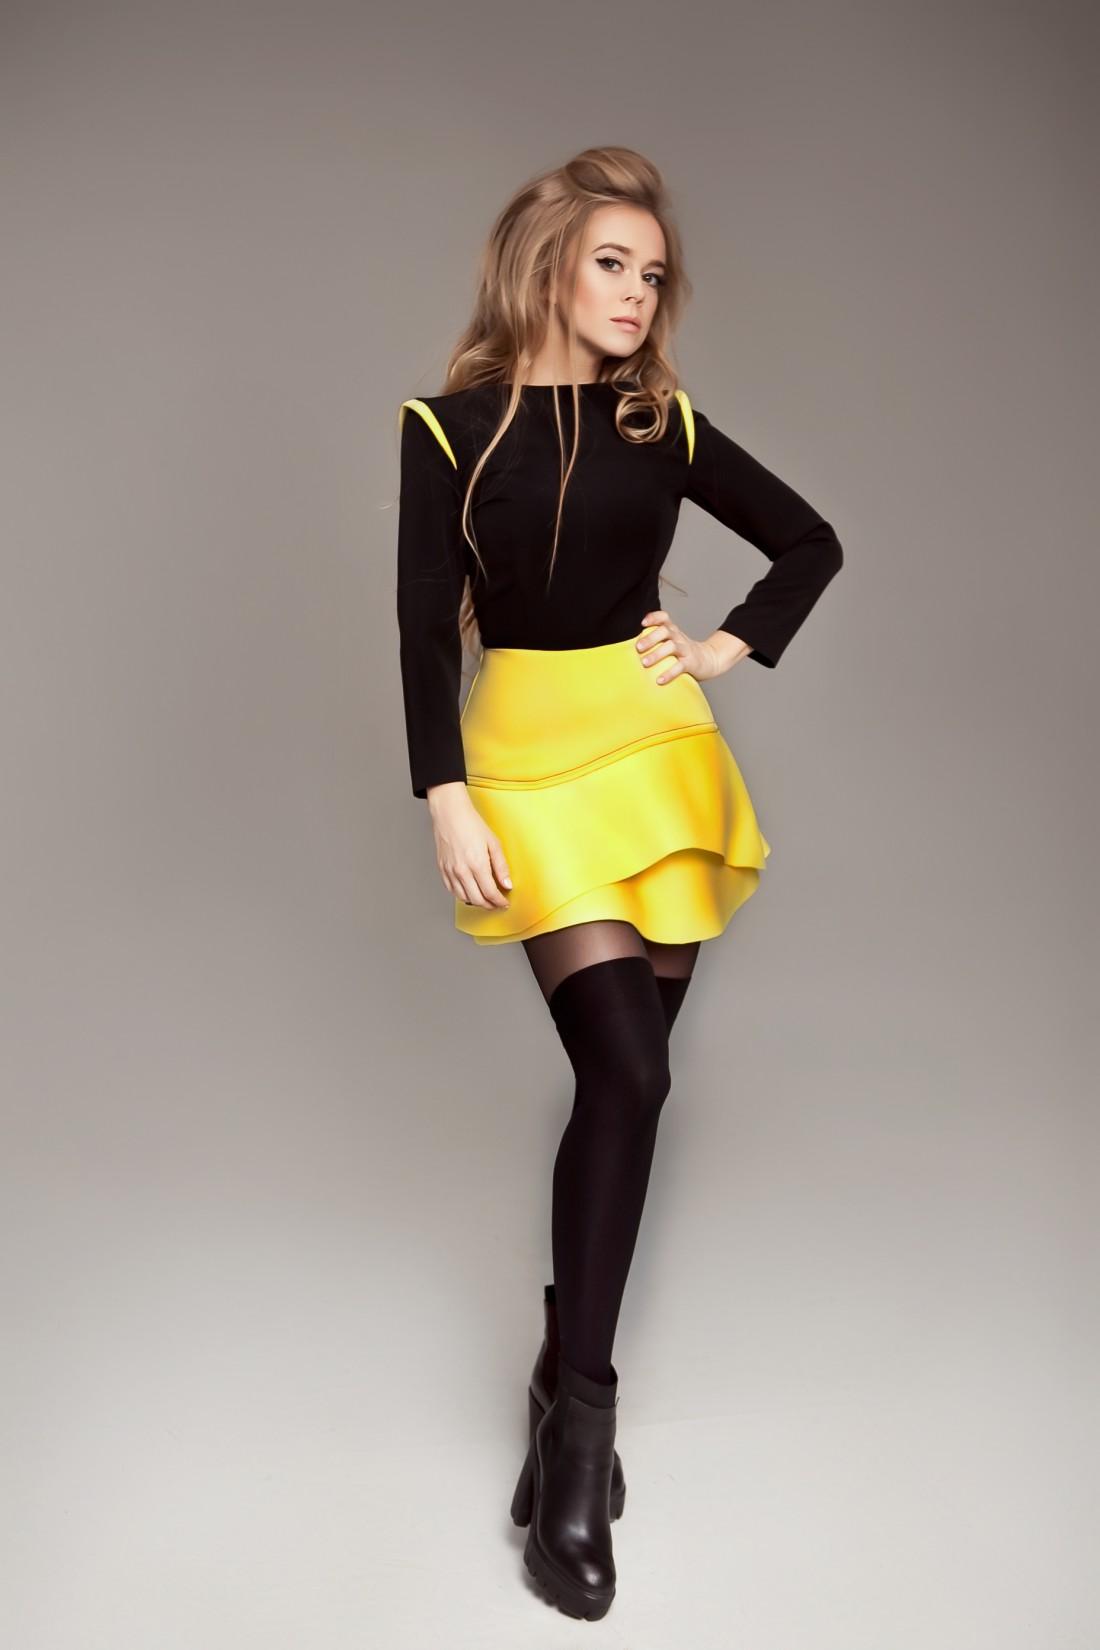 Лавика: Не забудьте поинтересоваться о колористическом подтексте цветов одежды